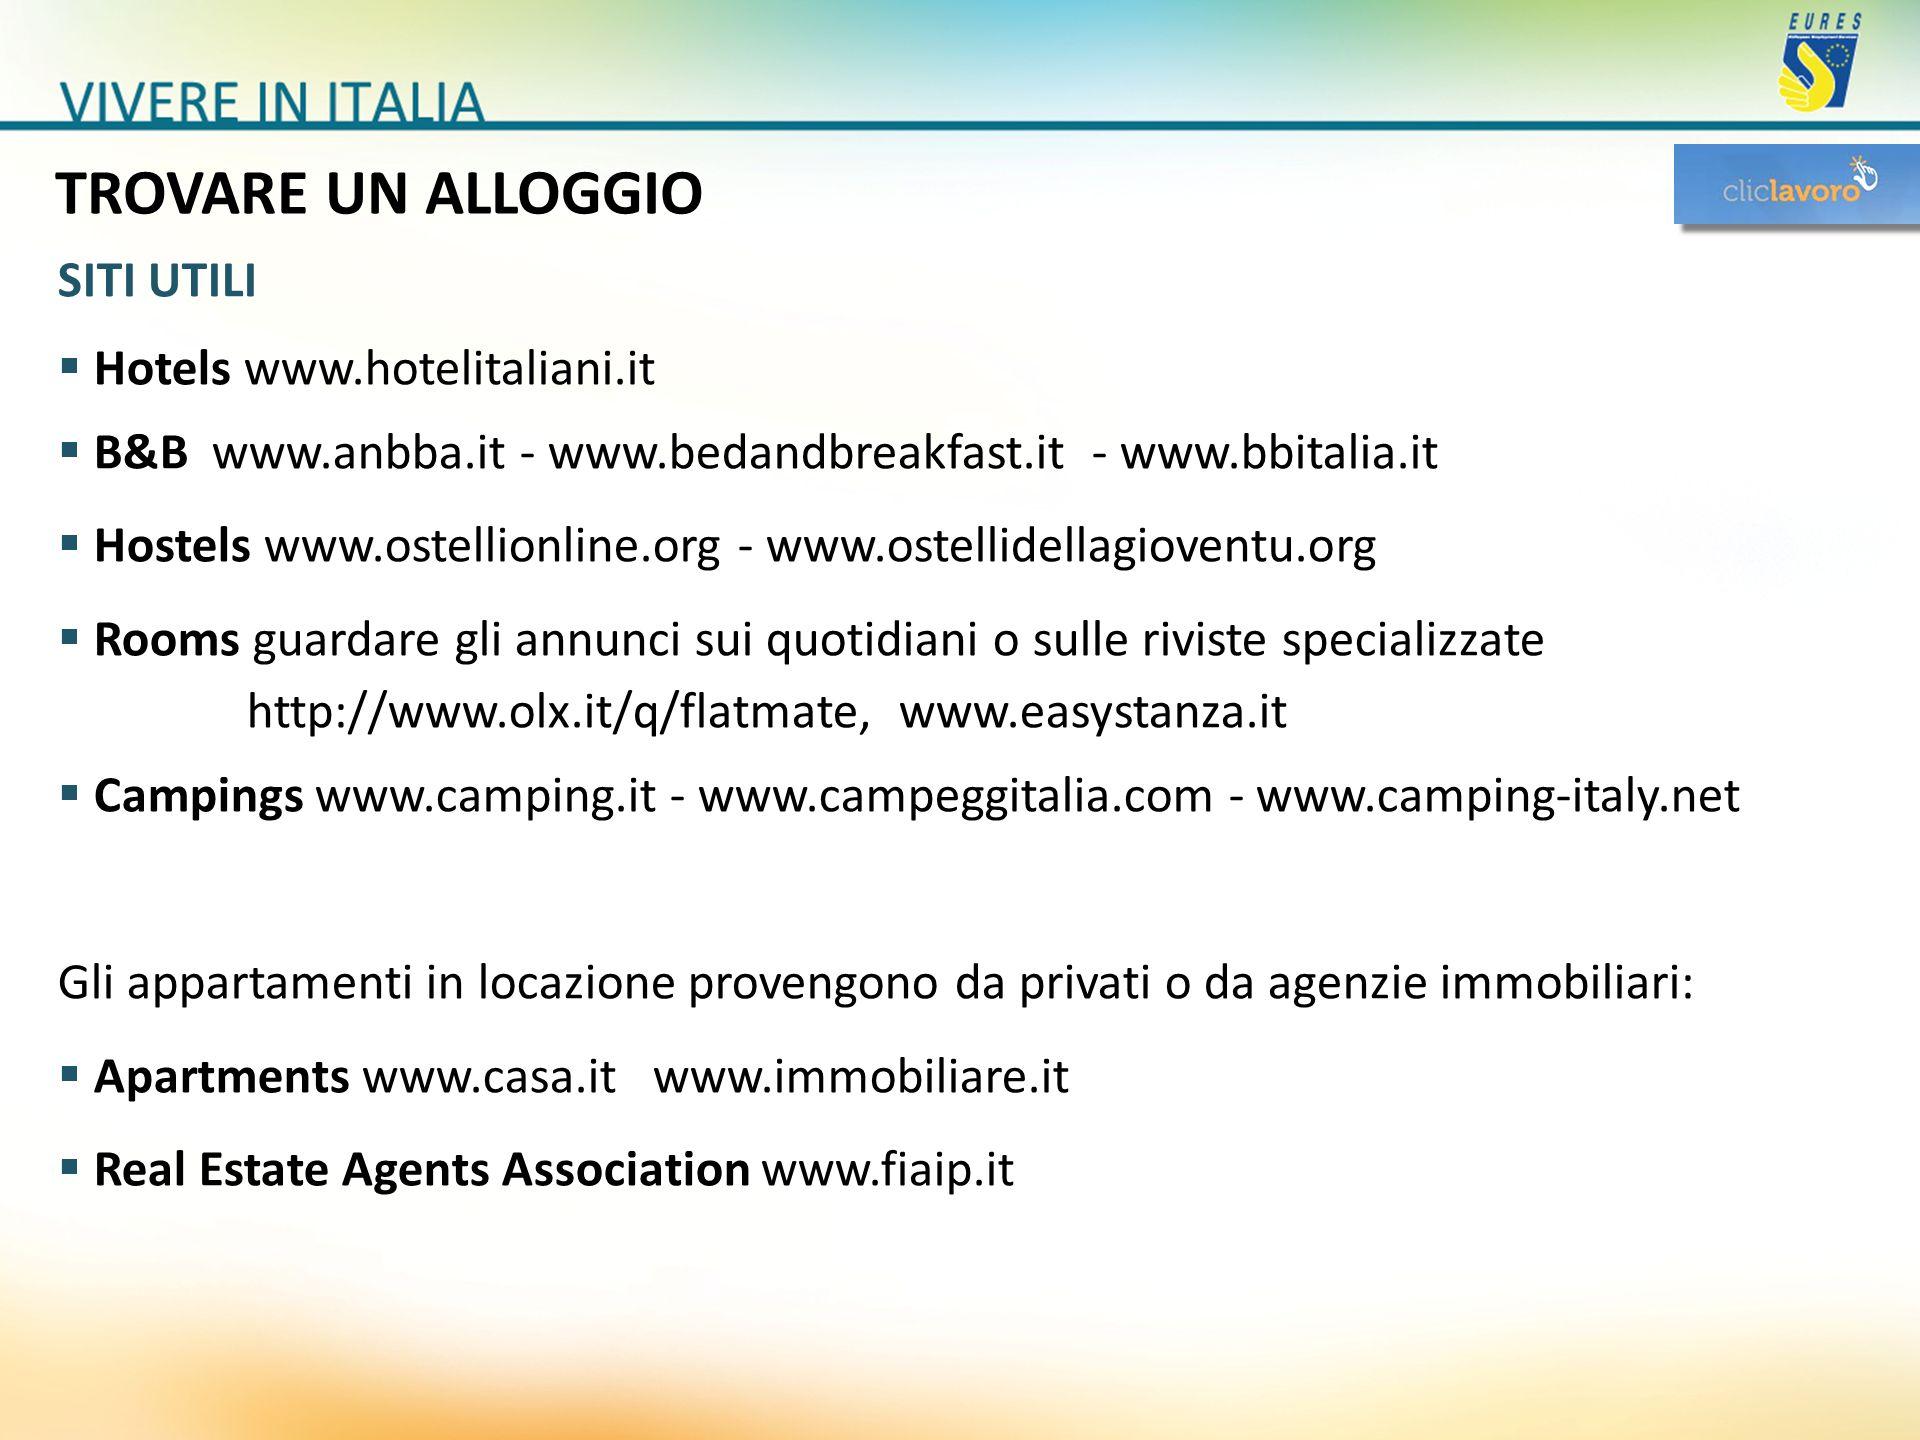 TROVARE UN ALLOGGIO Hotels www.hotelitaliani.it B&B www.anbba.it - www.bedandbreakfast.it - www.bbitalia.it Hostels www.ostellionline.org - www.ostell